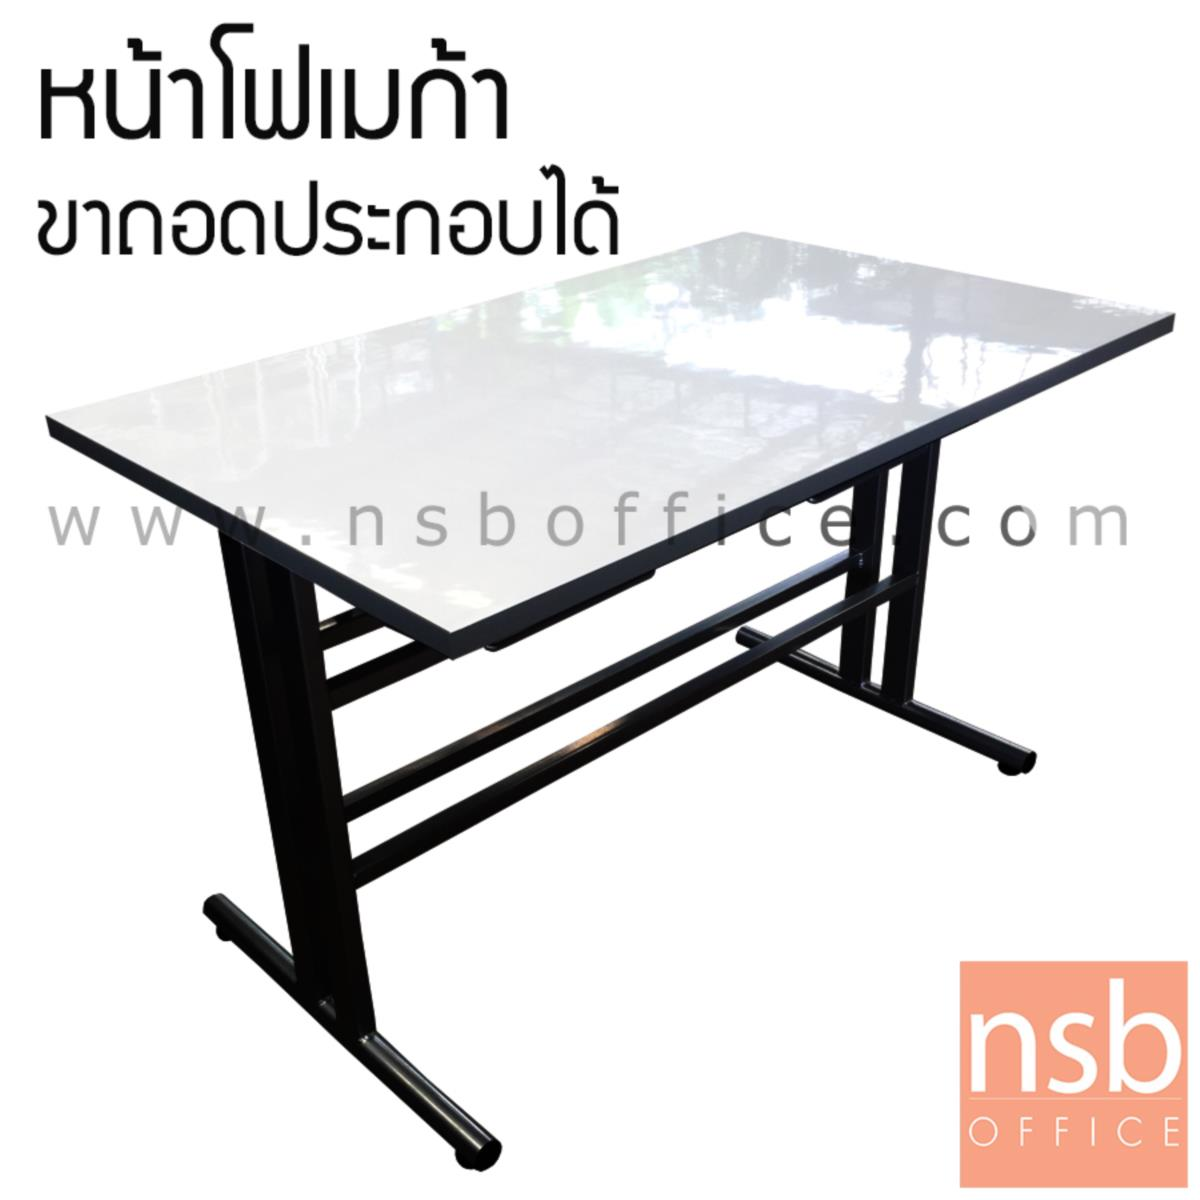 A07A032:โต๊ะประชุมหน้าโฟเมก้าขาว รุ่น Edwinna (เอดวินน่า) ขนาด 120W cm.   โครงขาถอดประกอบได้